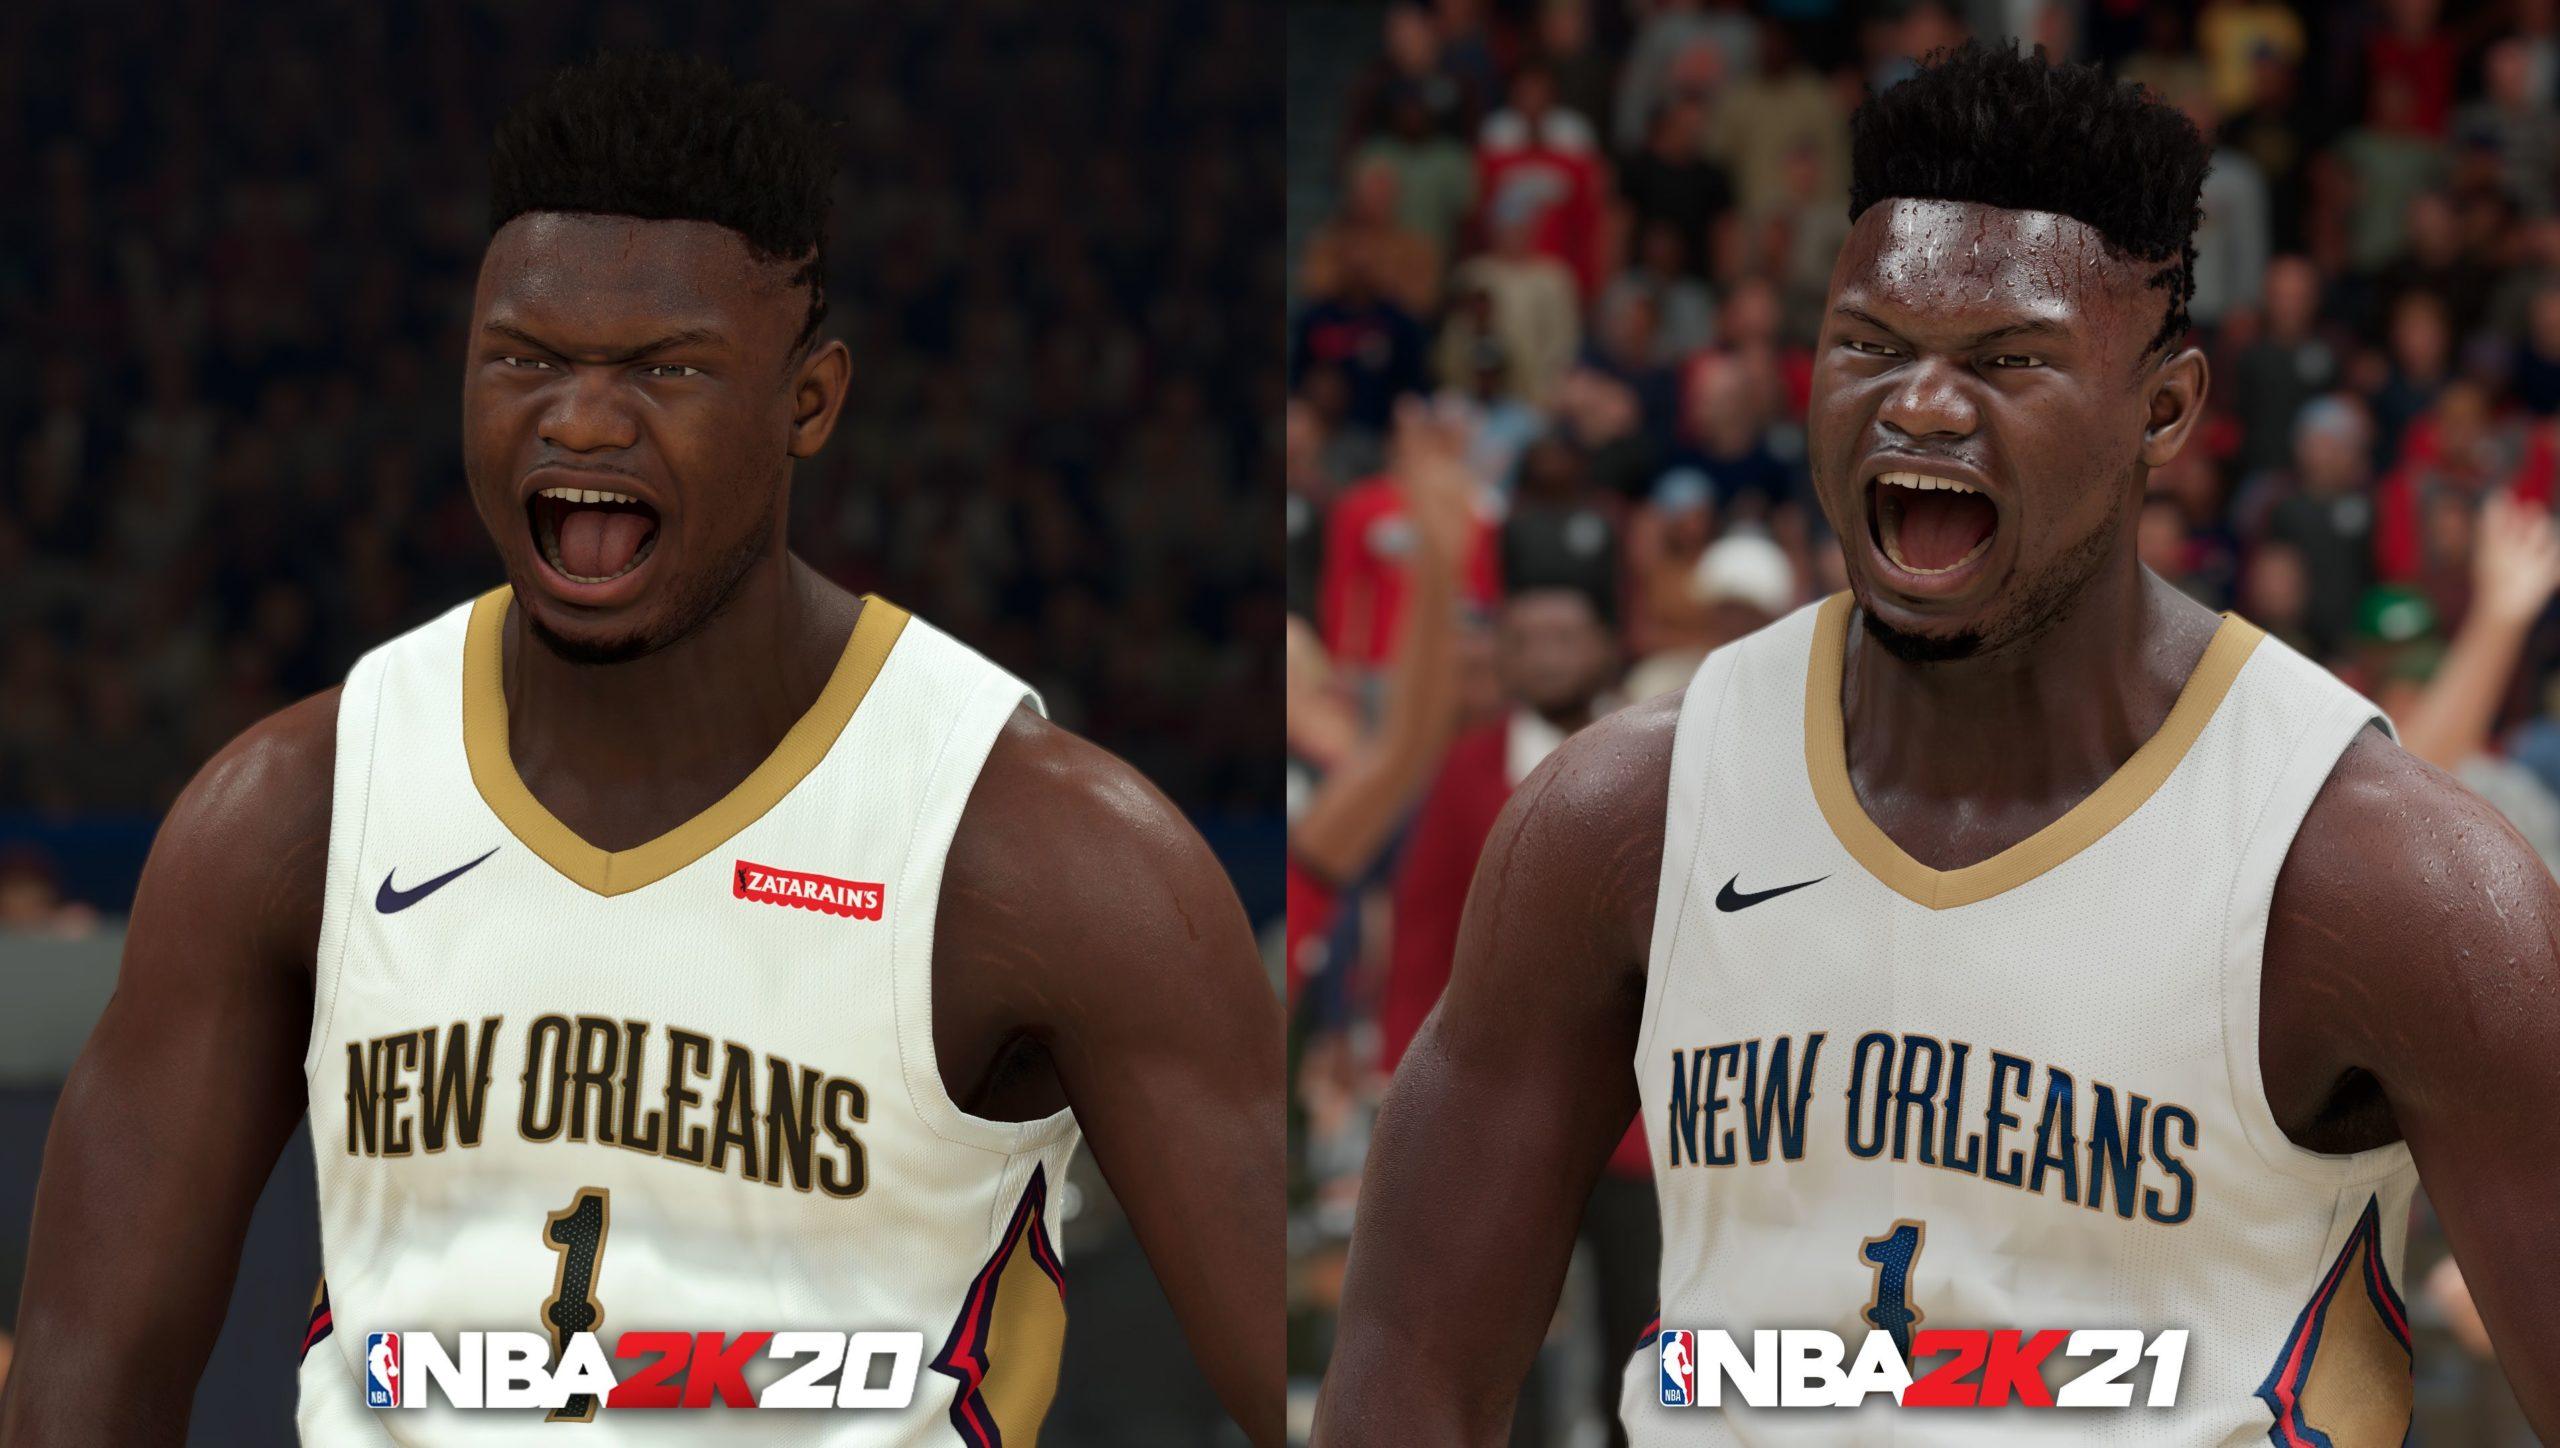 NBA 2K21 v next-gen ukázce NBA 20 vs 21 scaled